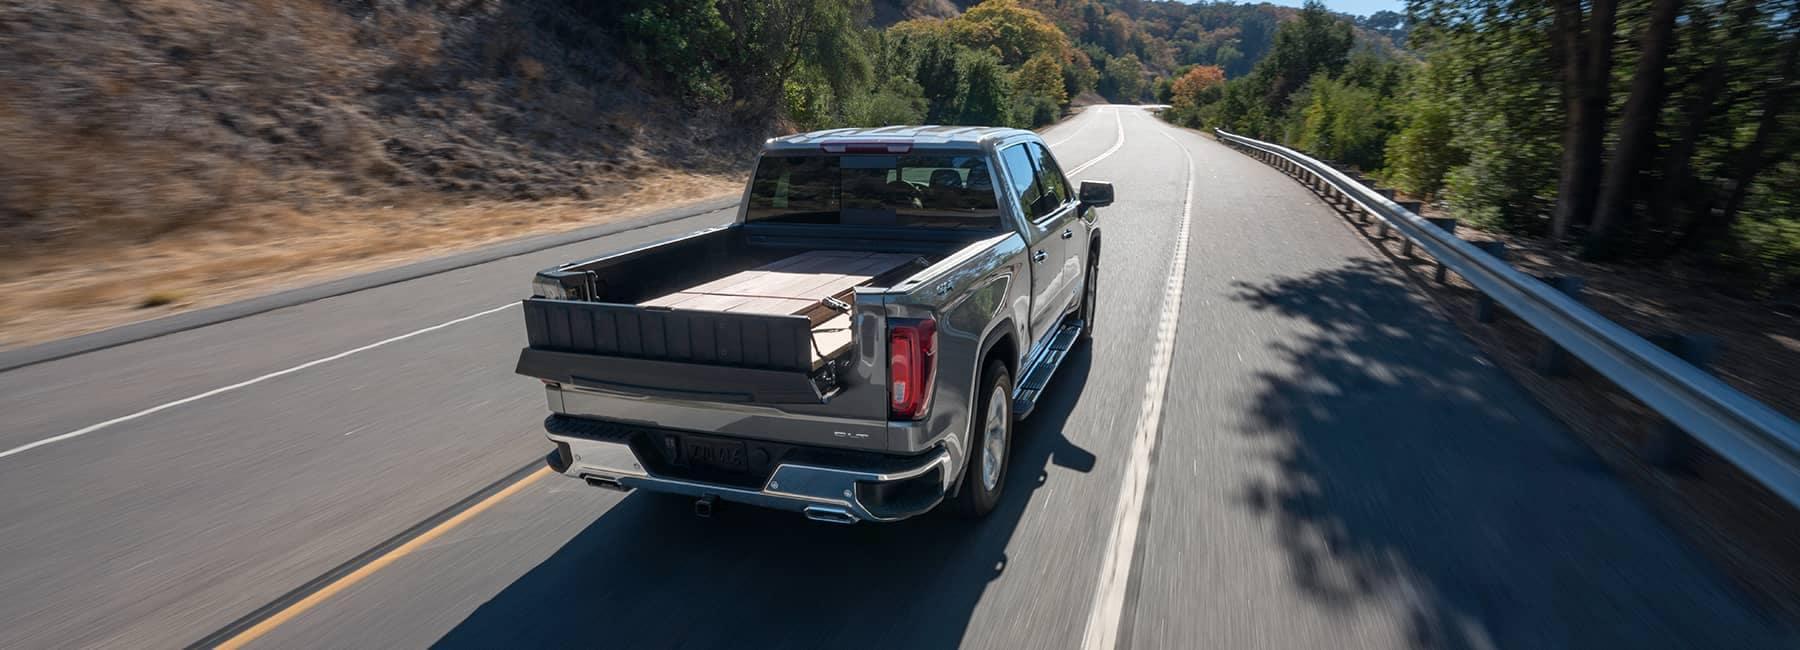 2020 GMC Sierra 1500 on the Road